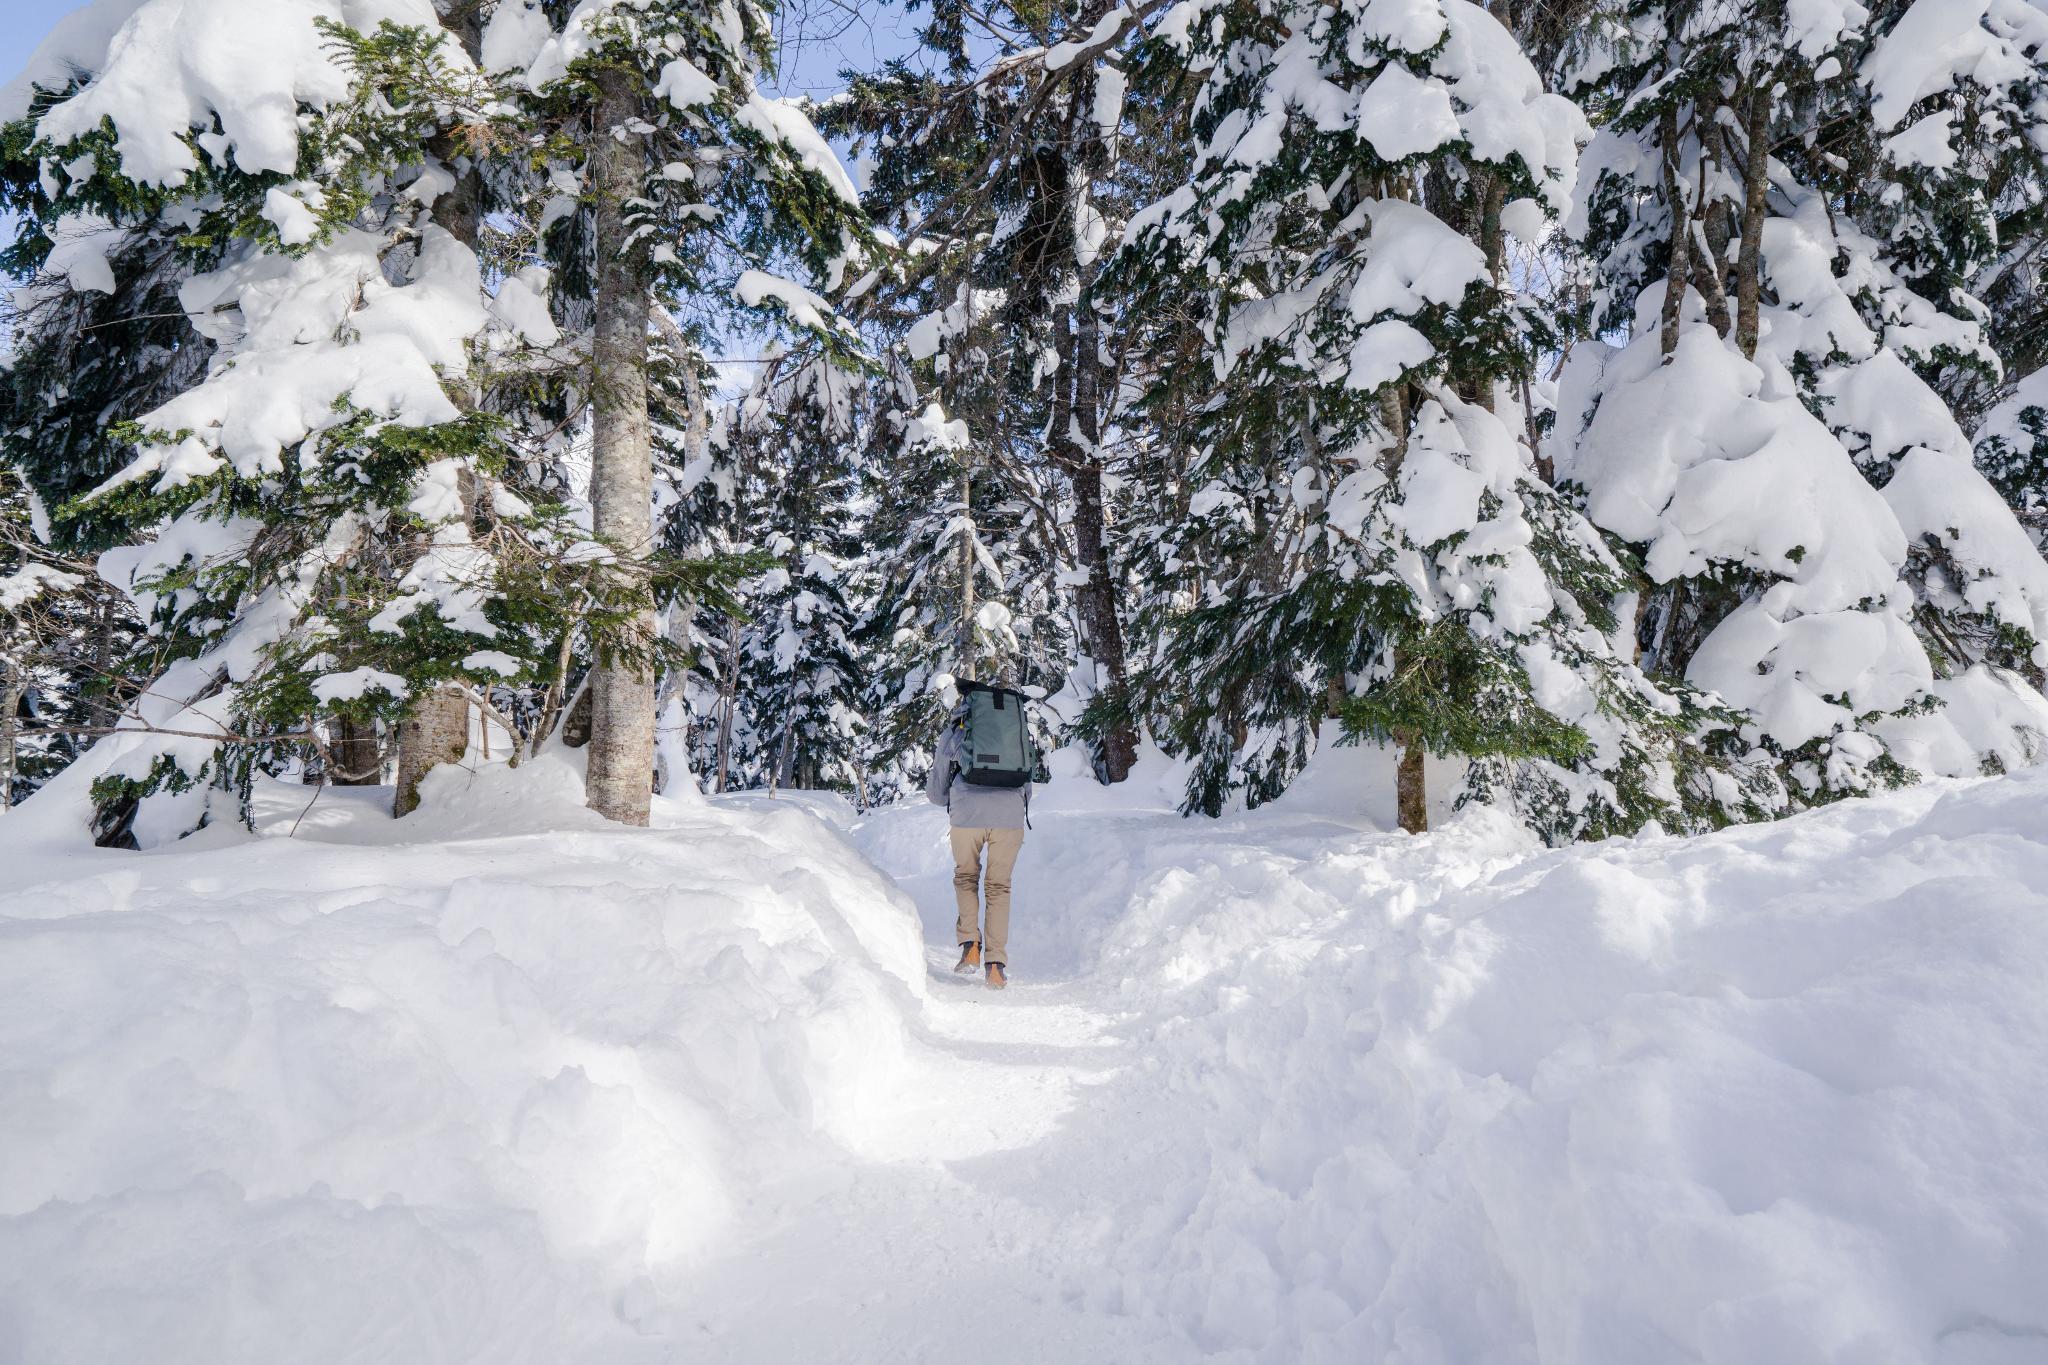 【岐阜】超級推薦!奧飛驒溫泉鄉的冬季戀歌 ~ 新穗高纜車雪景攻略 117